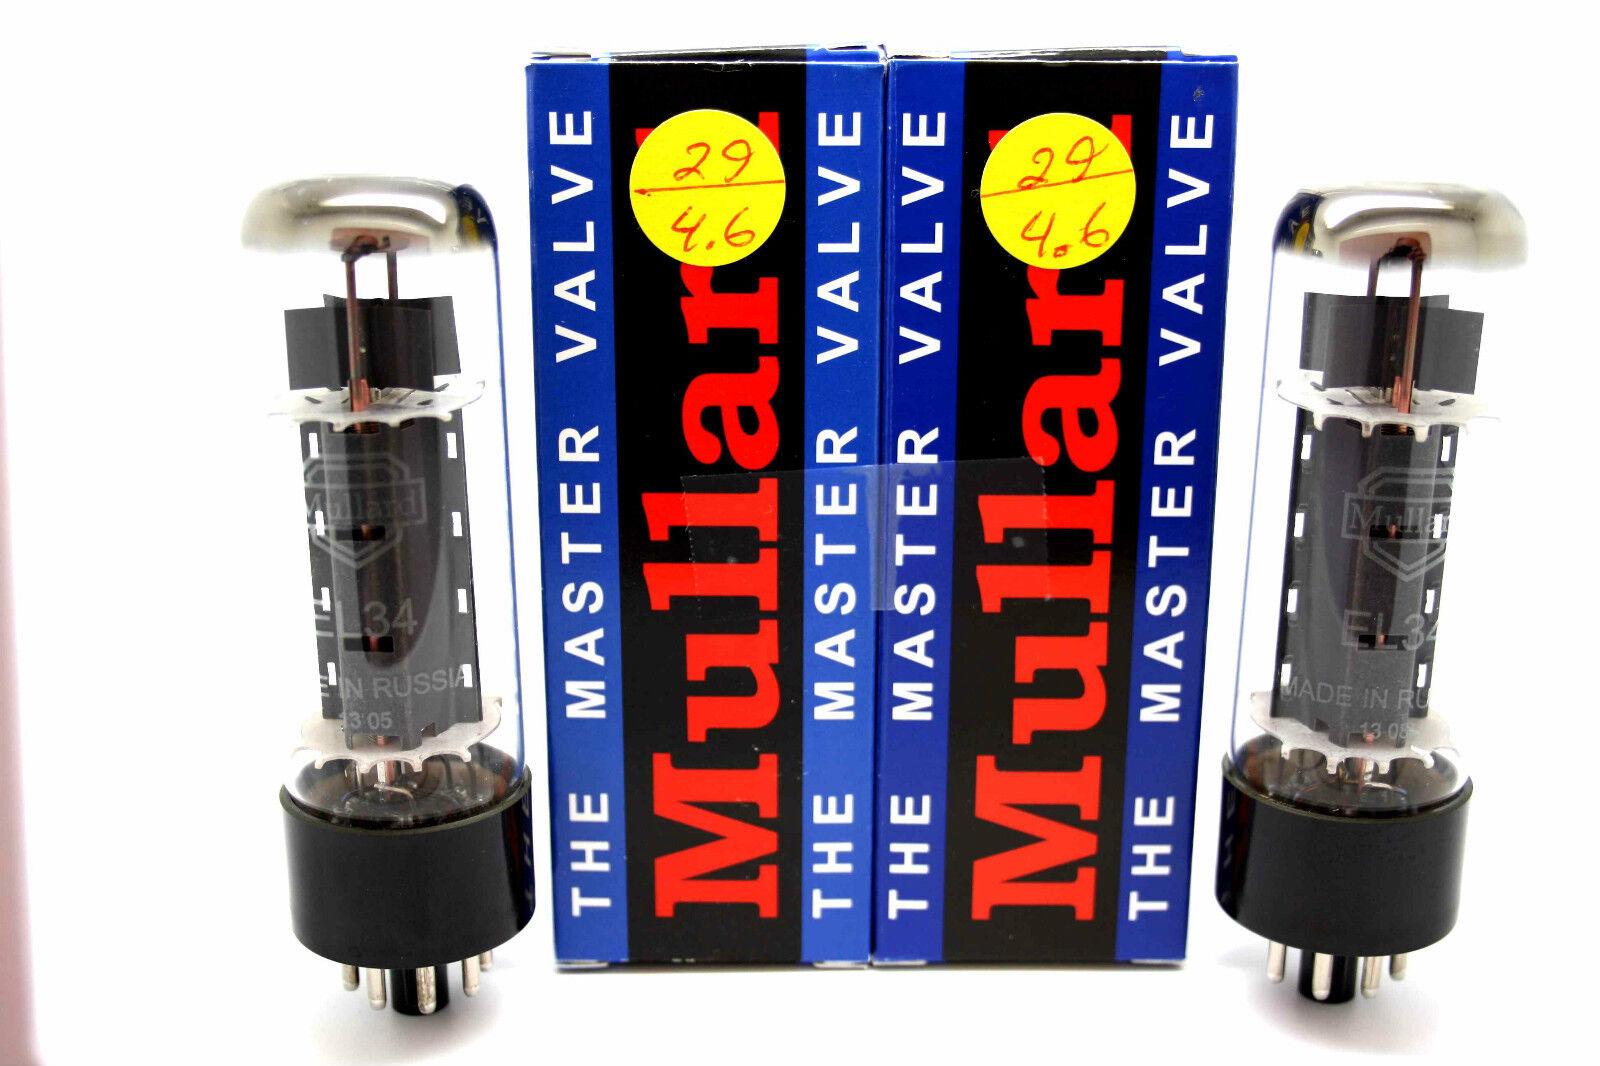 Mullard EL34 Abgestimmt Pair Vakuum Rohre Getestet Apex Übereinstimmende